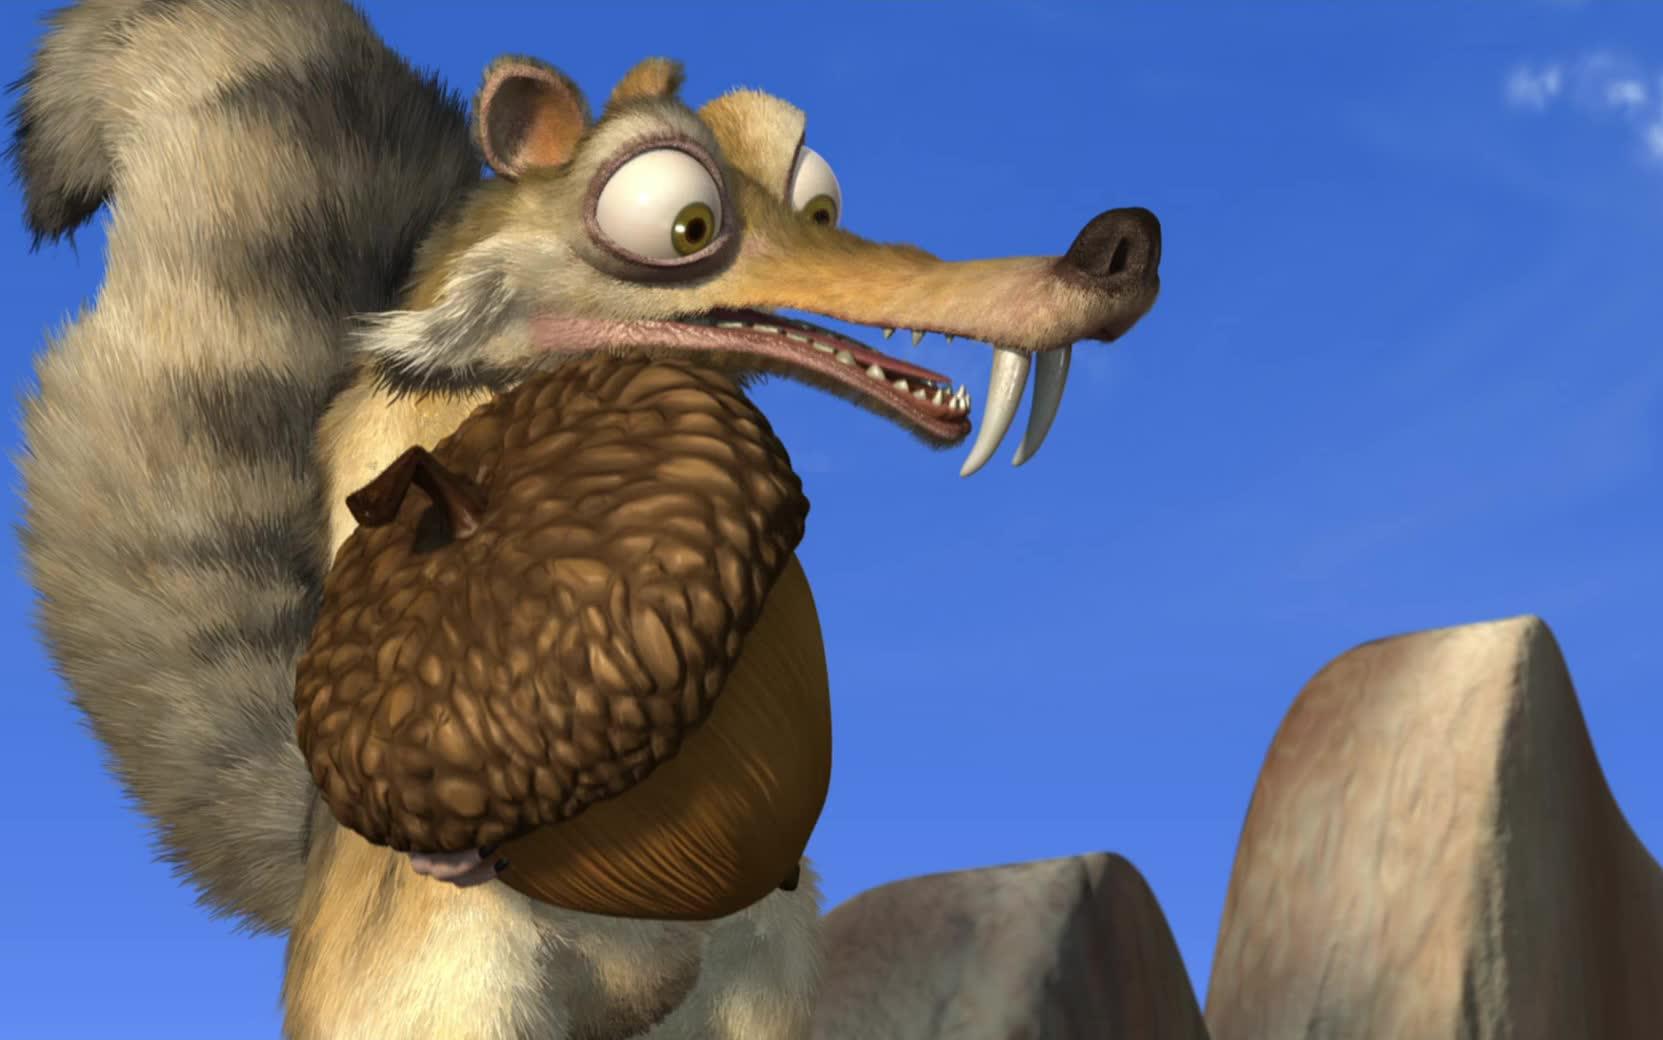 冰川时代 松鼠_【动画/1080P】消失的松果 Gone Nutty (2002)_哔哩哔哩 (゜-゜)つロ 干 ...